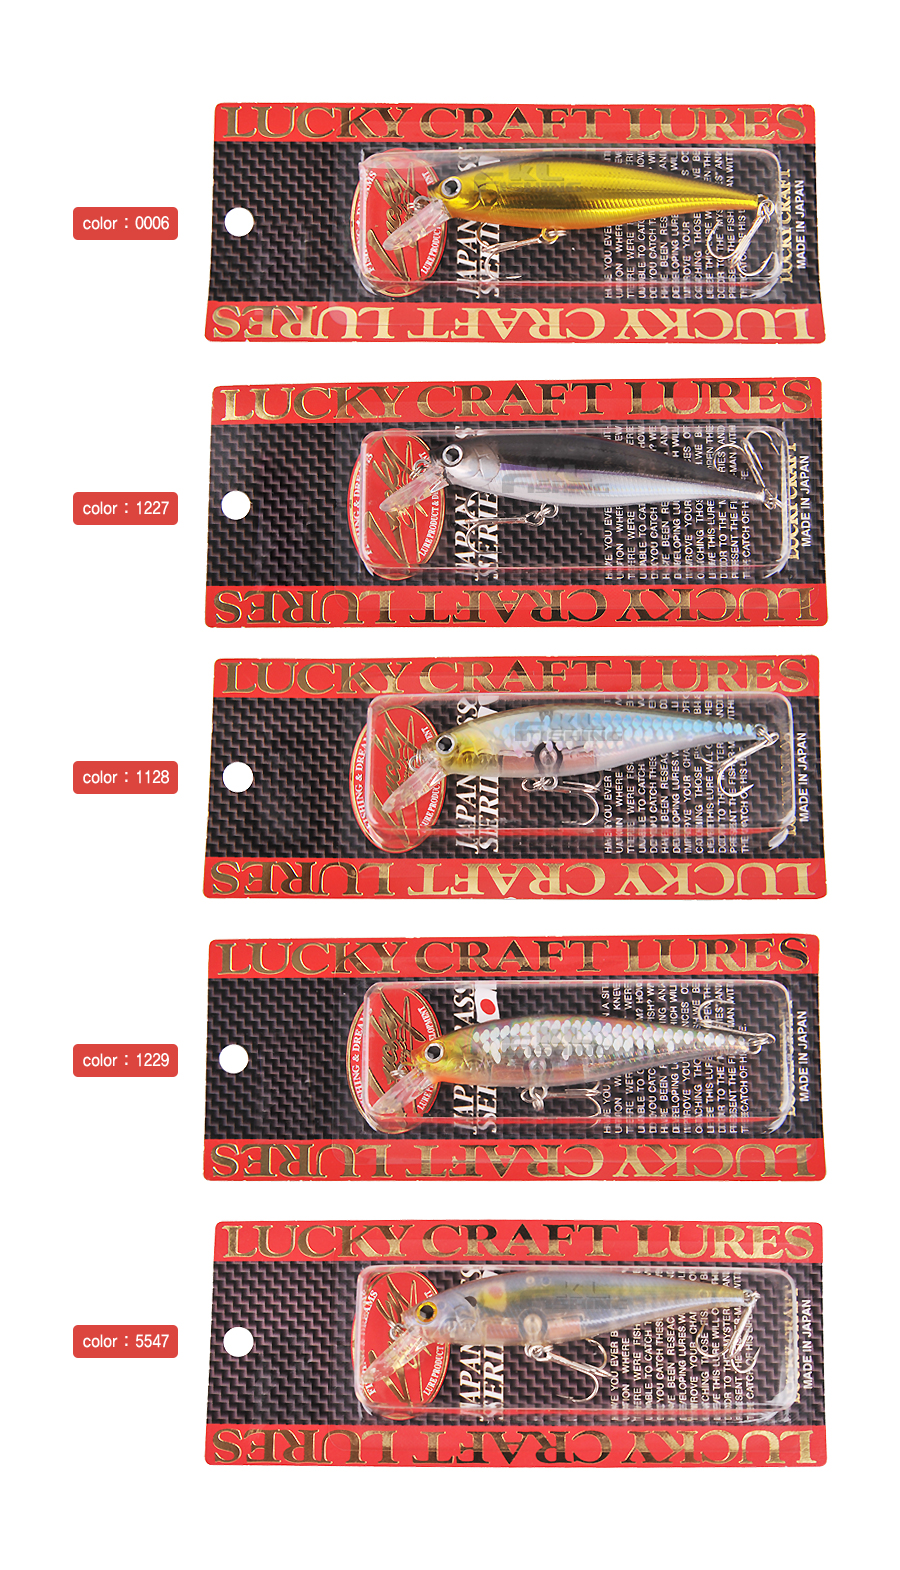 럭키크래프트 (B'FREEZE) 비프리즈 78SP 쏘가리미노우 쏘가리미노잉 배스미노우